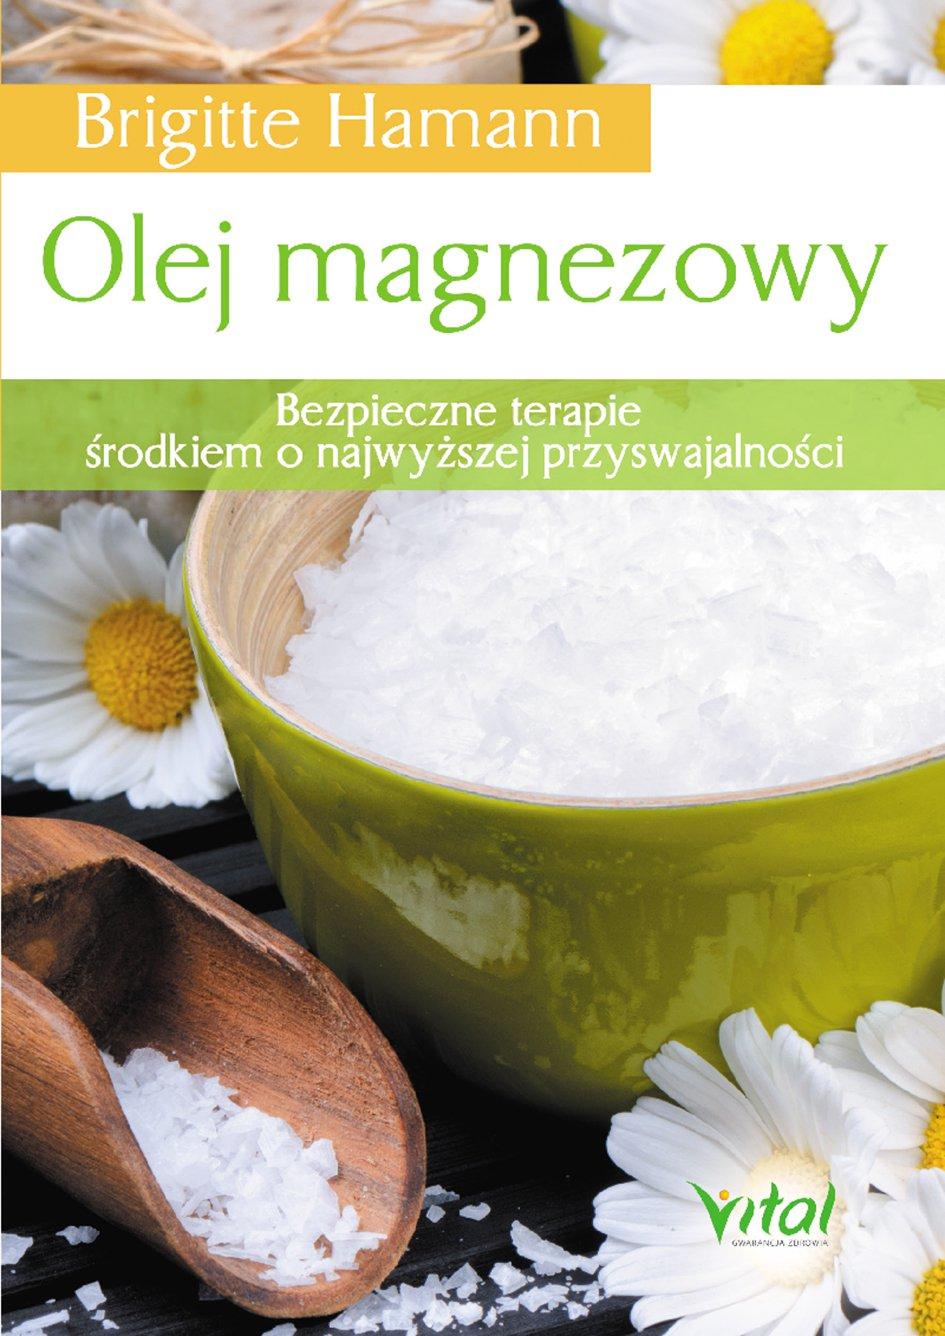 Olej magnezowy. Bezpieczne terapie środkiem o najwyższej przyswajalności - Ebook (Książka PDF) do pobrania w formacie PDF